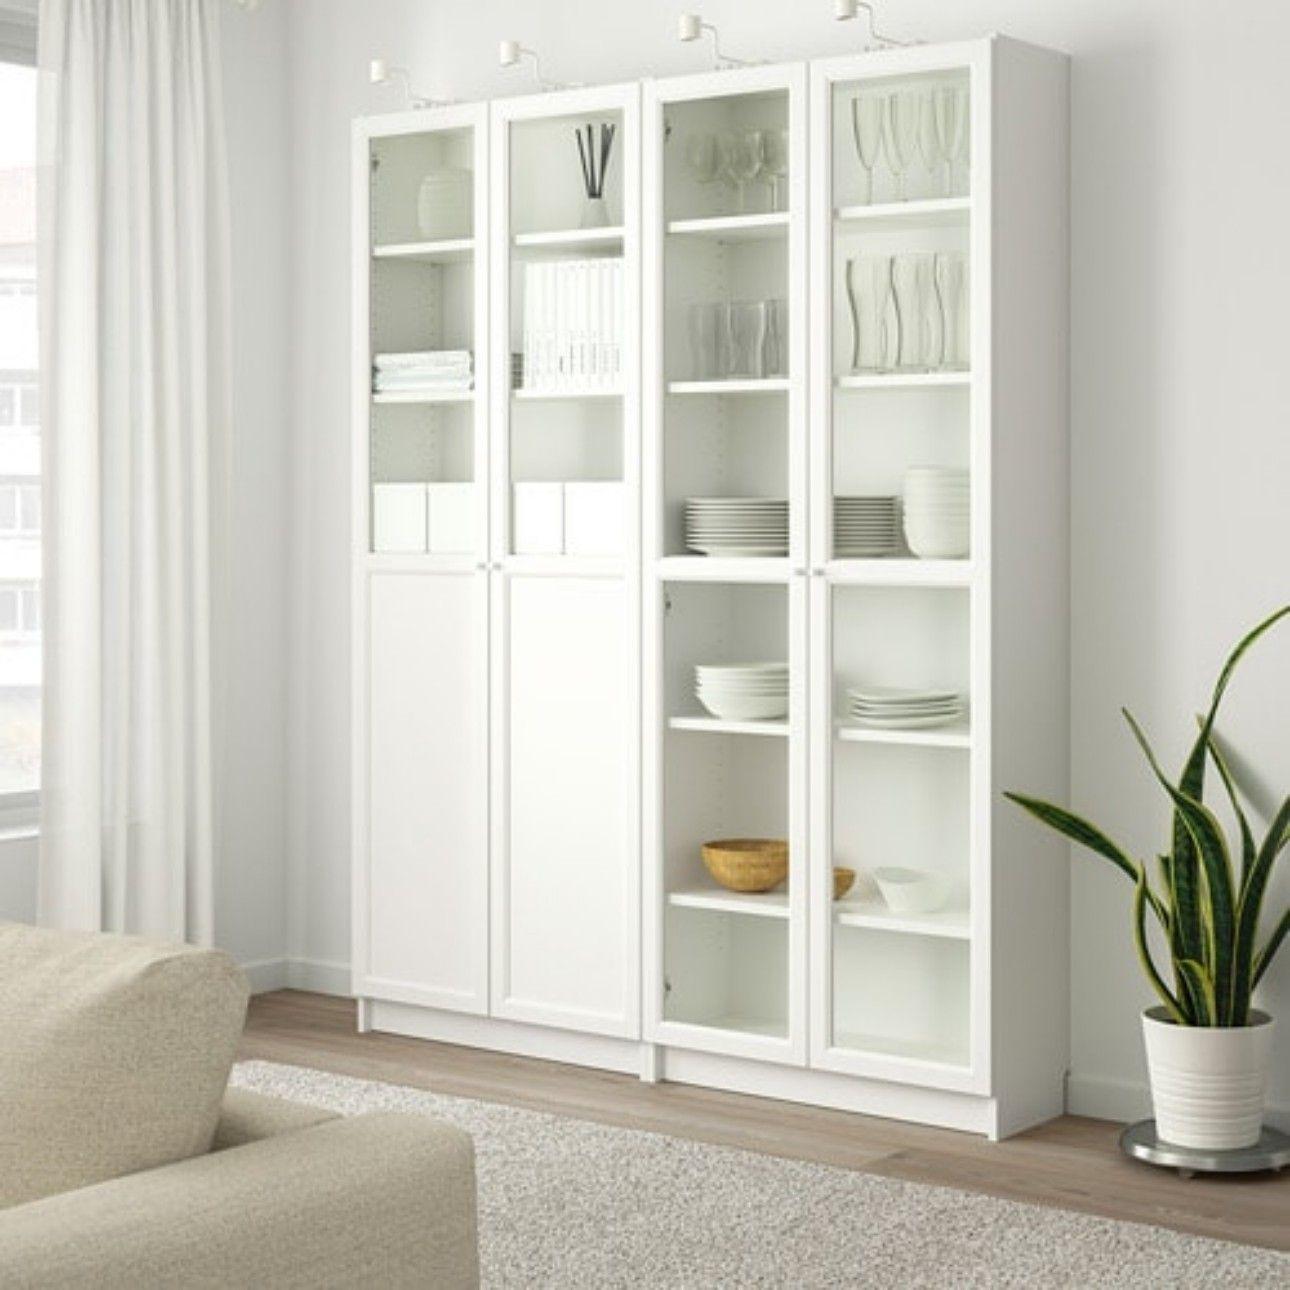 Mobili Da Soggiorno Bianchi pin di sarah su new home | arredamento casa, scaffali per